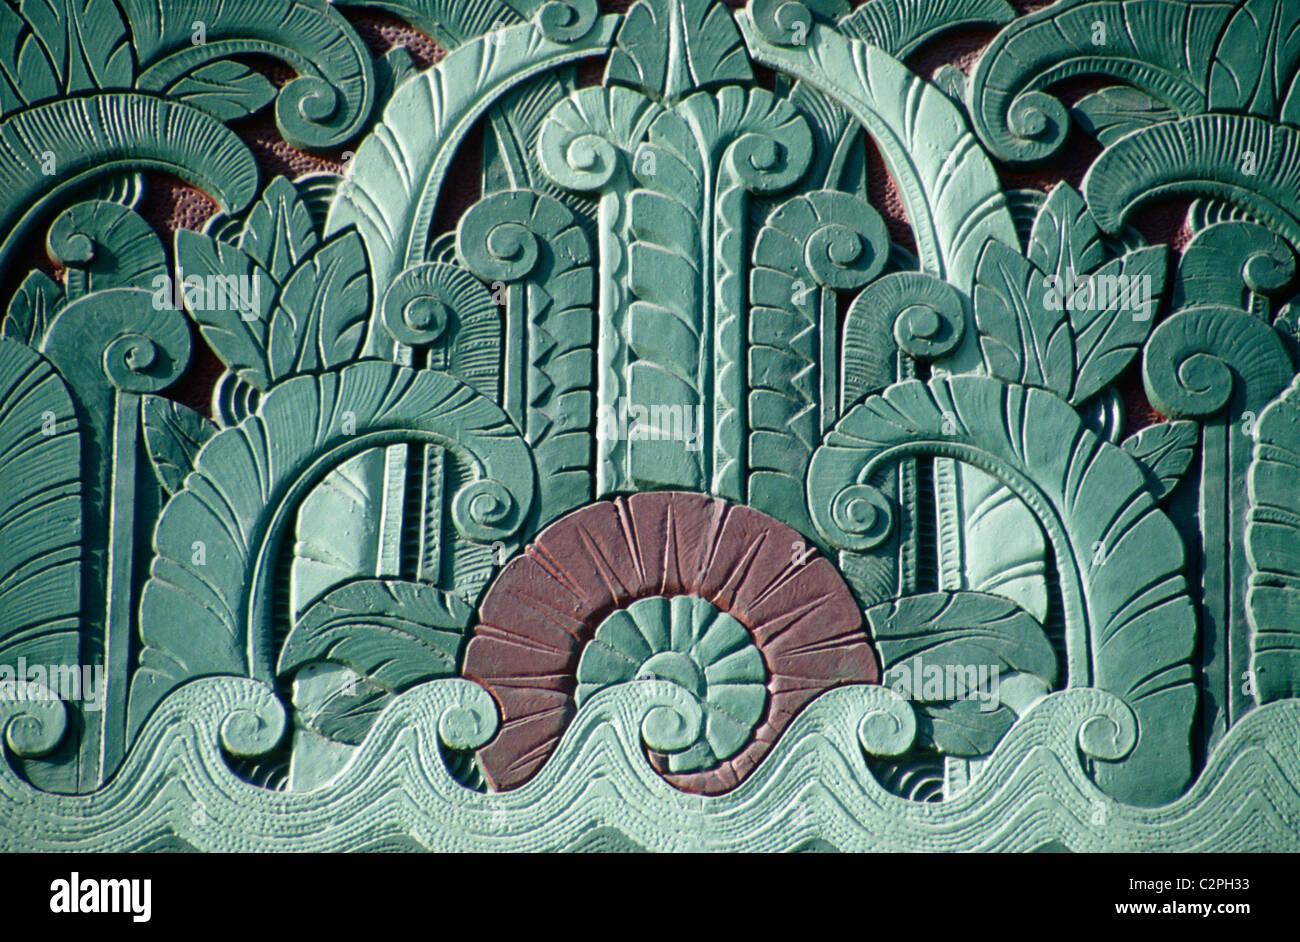 Bâtiment art déco, South Beach, Miami, Floride - vague détail Banque D'Images